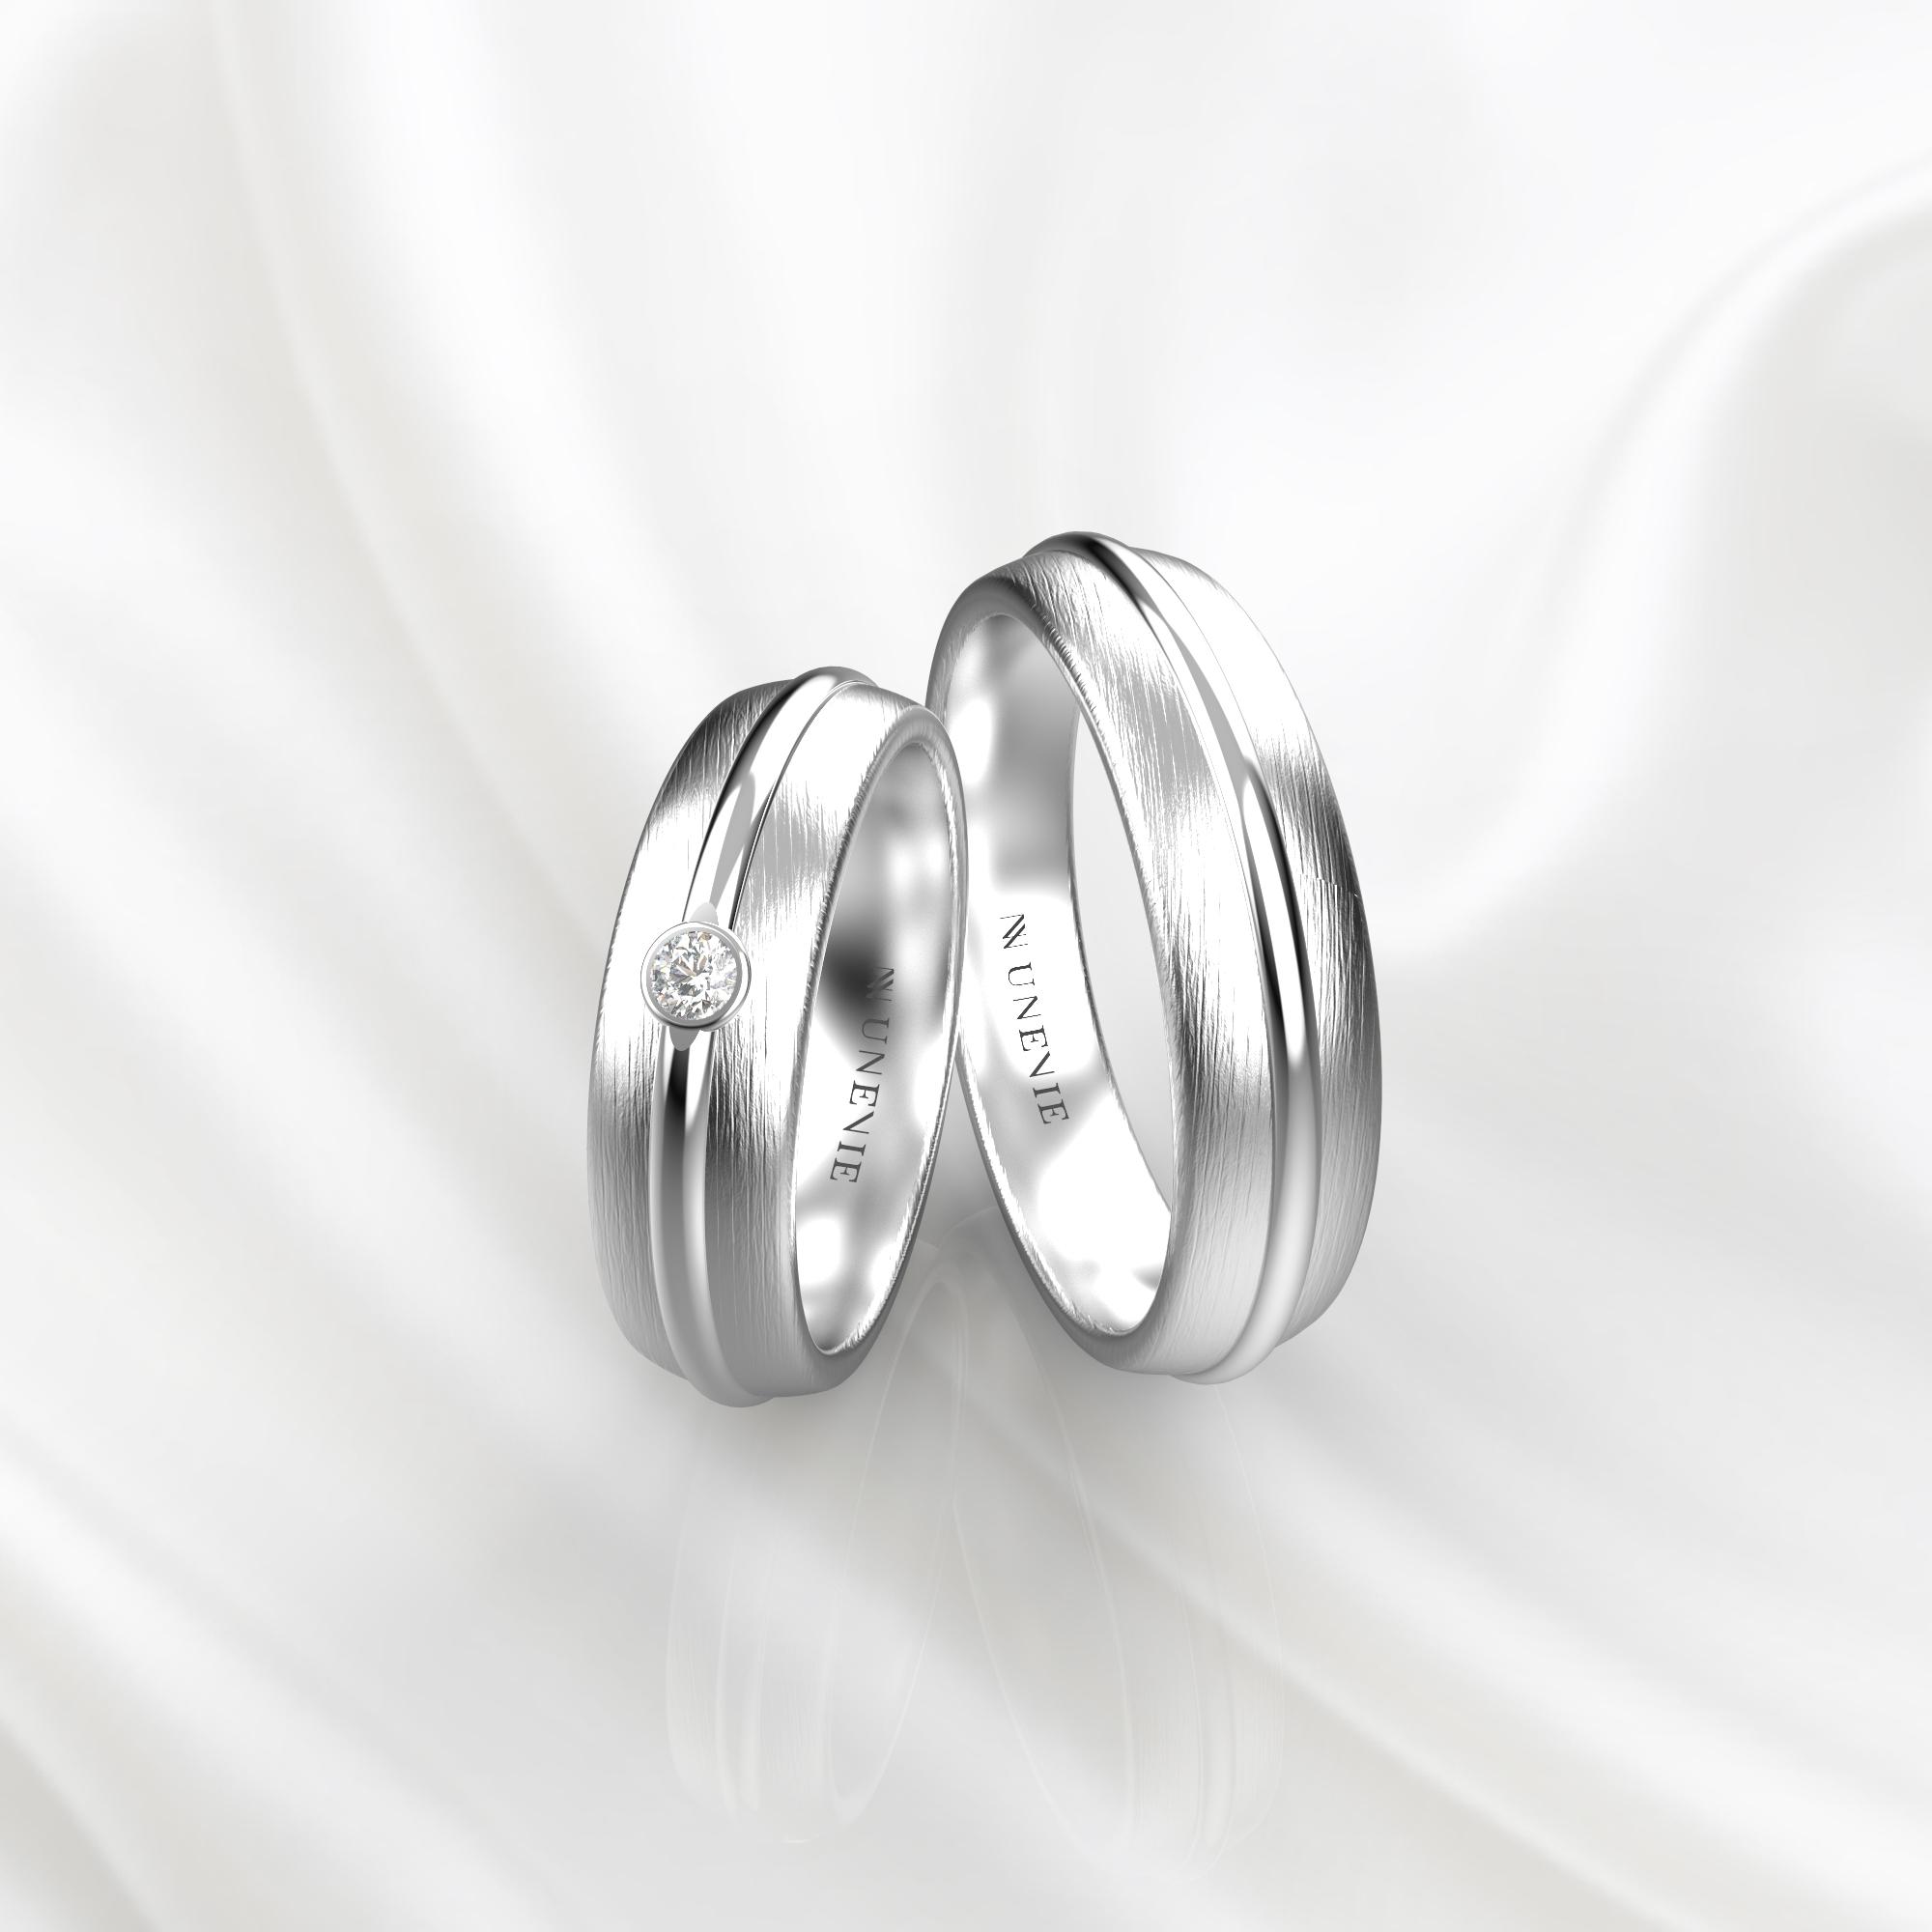 NV69 Парные обручальные кольца из белого золота с бриллиантом